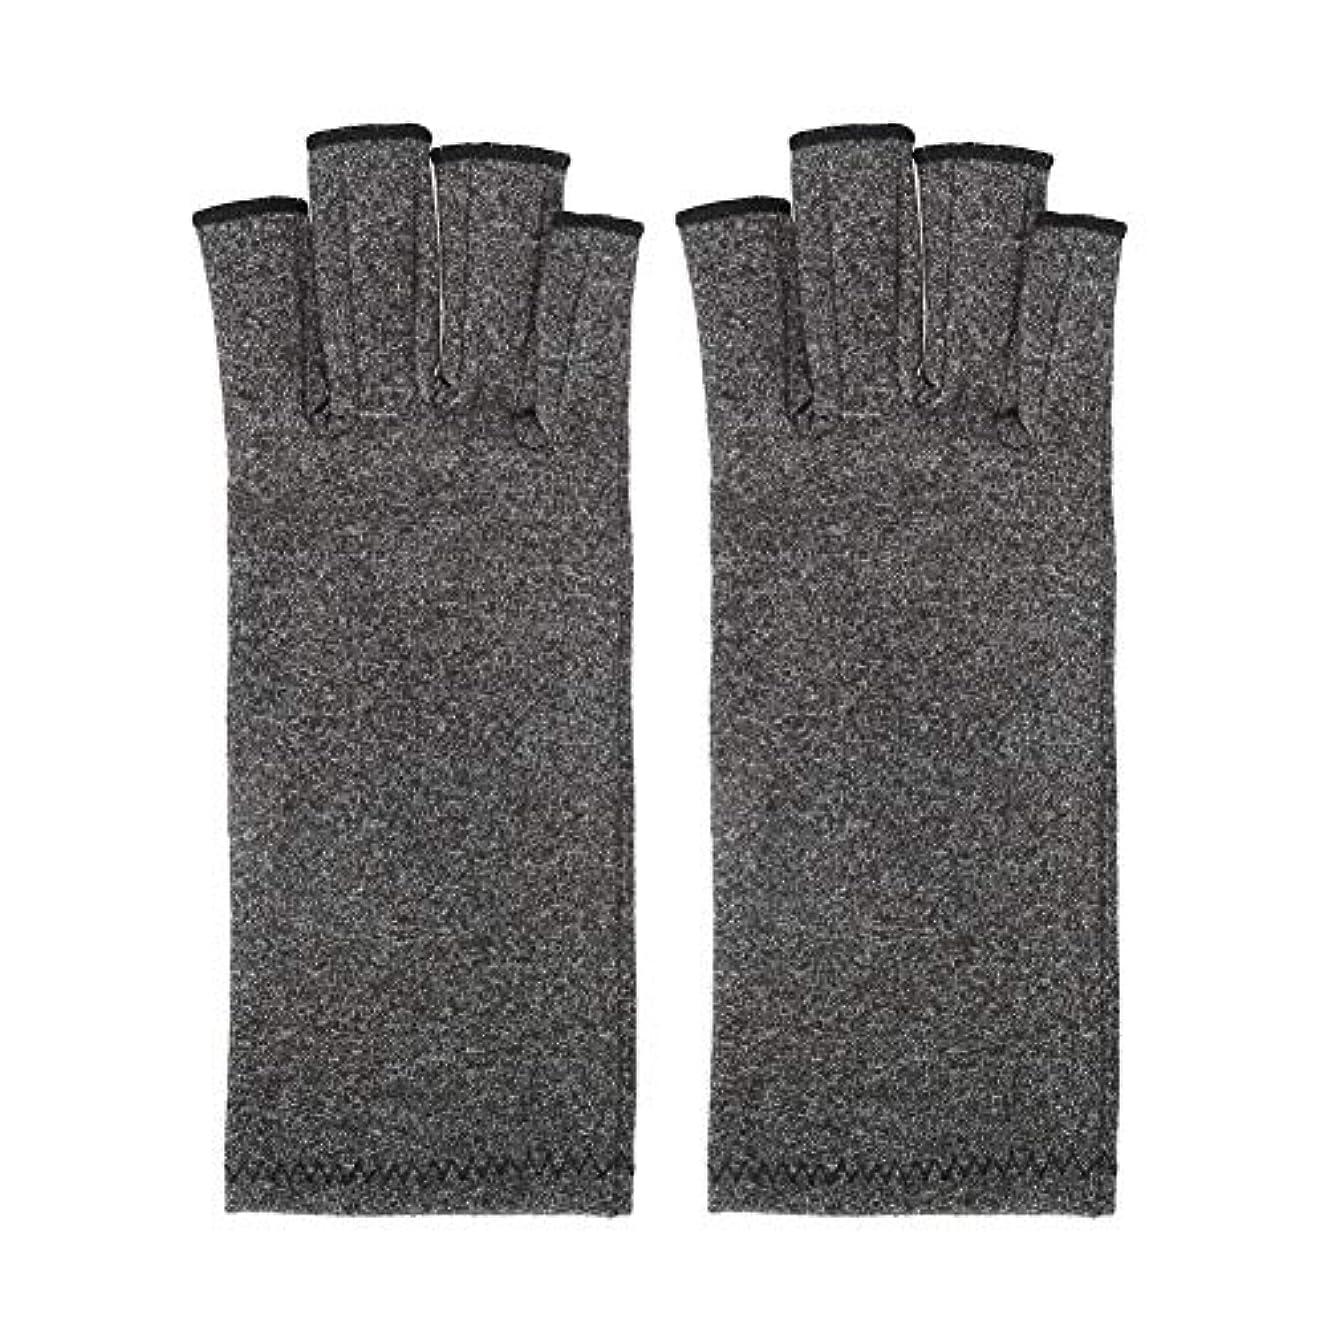 二次専制仕出します抗関節炎手袋抗関節炎ヘルスケアリハビリテーショントレーニング手袋圧縮療法リウマチ性疼痛